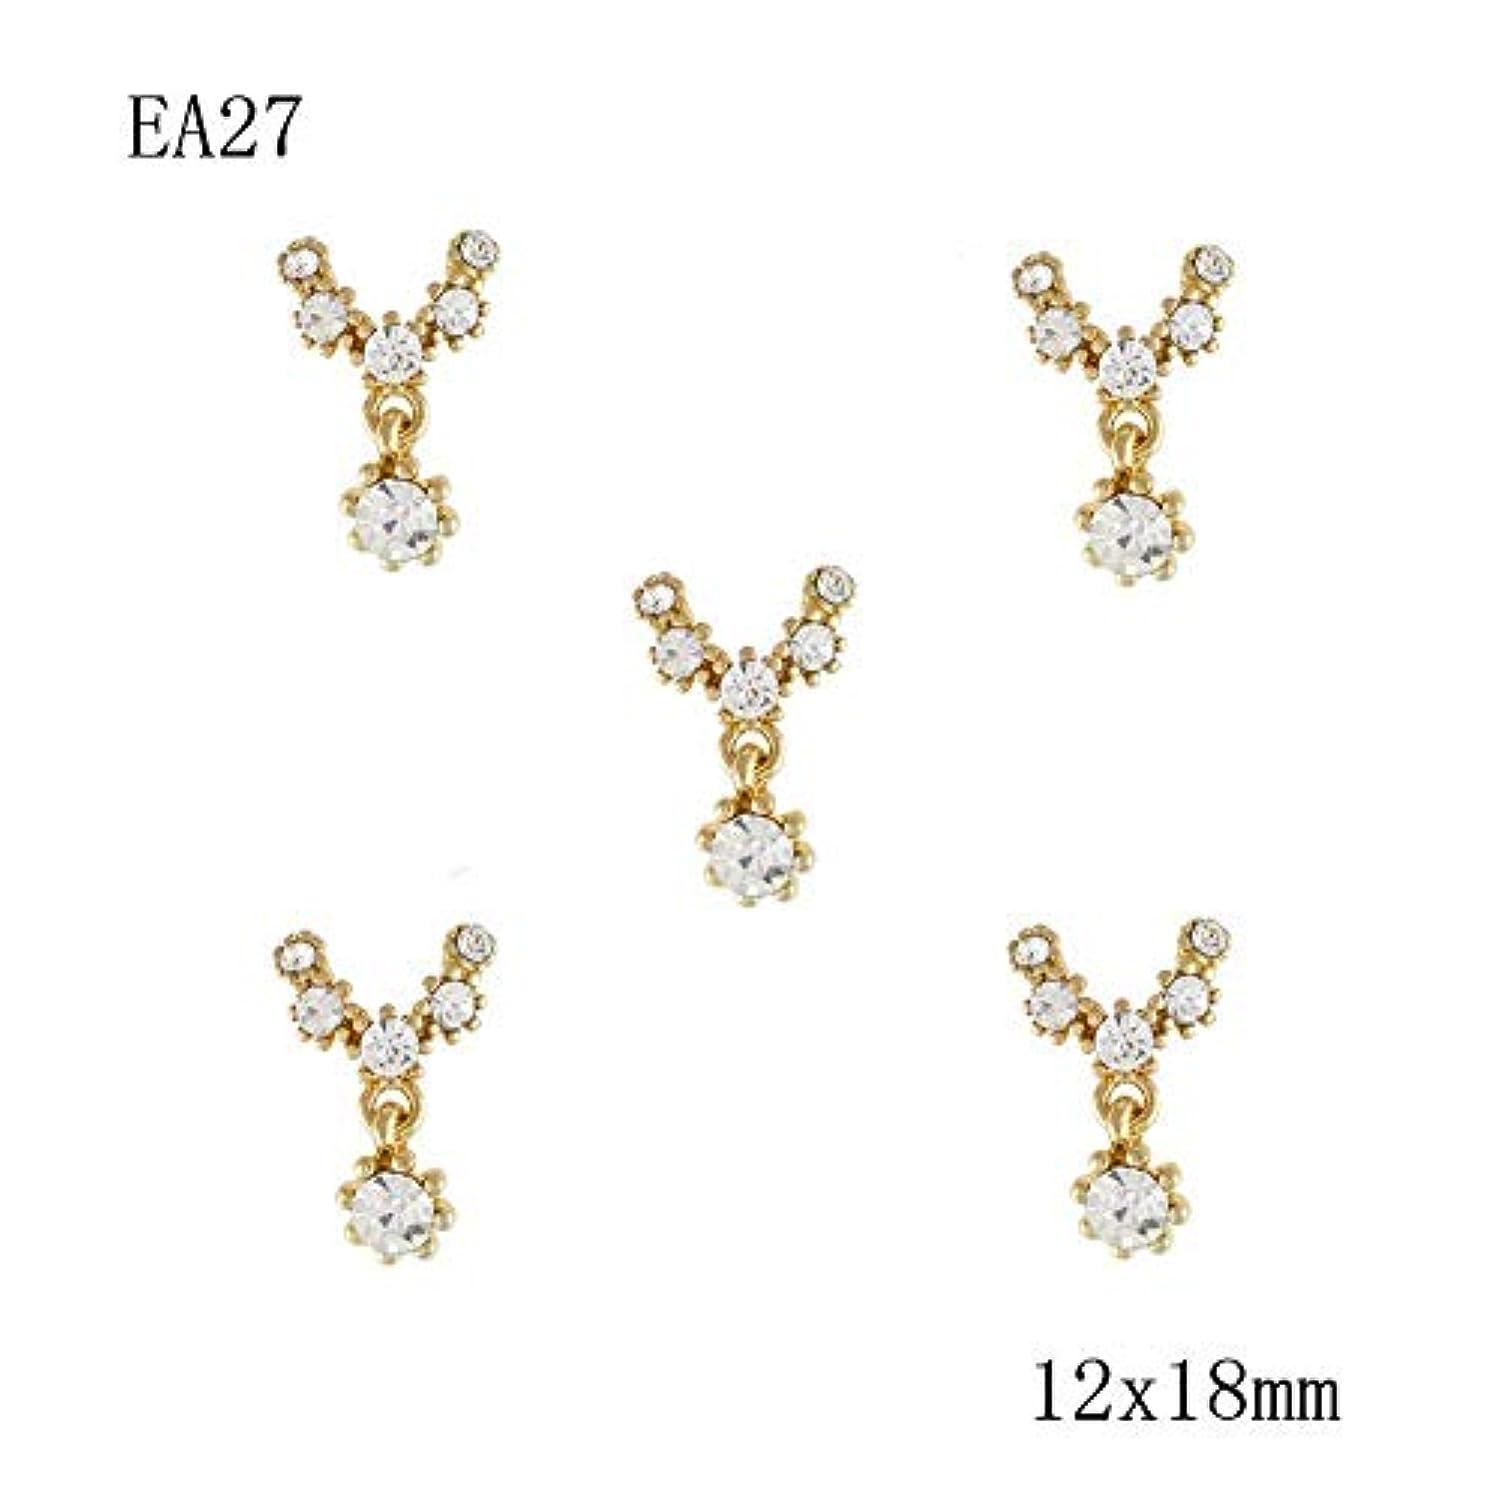 魅力恩恵虐殺10PCS金銀金属の3Dダイヤモンドネイルアートクリスマスの装飾の魅力の爪は、ラインストーンネイル用品の宝石クリスマスのキラキラ,21